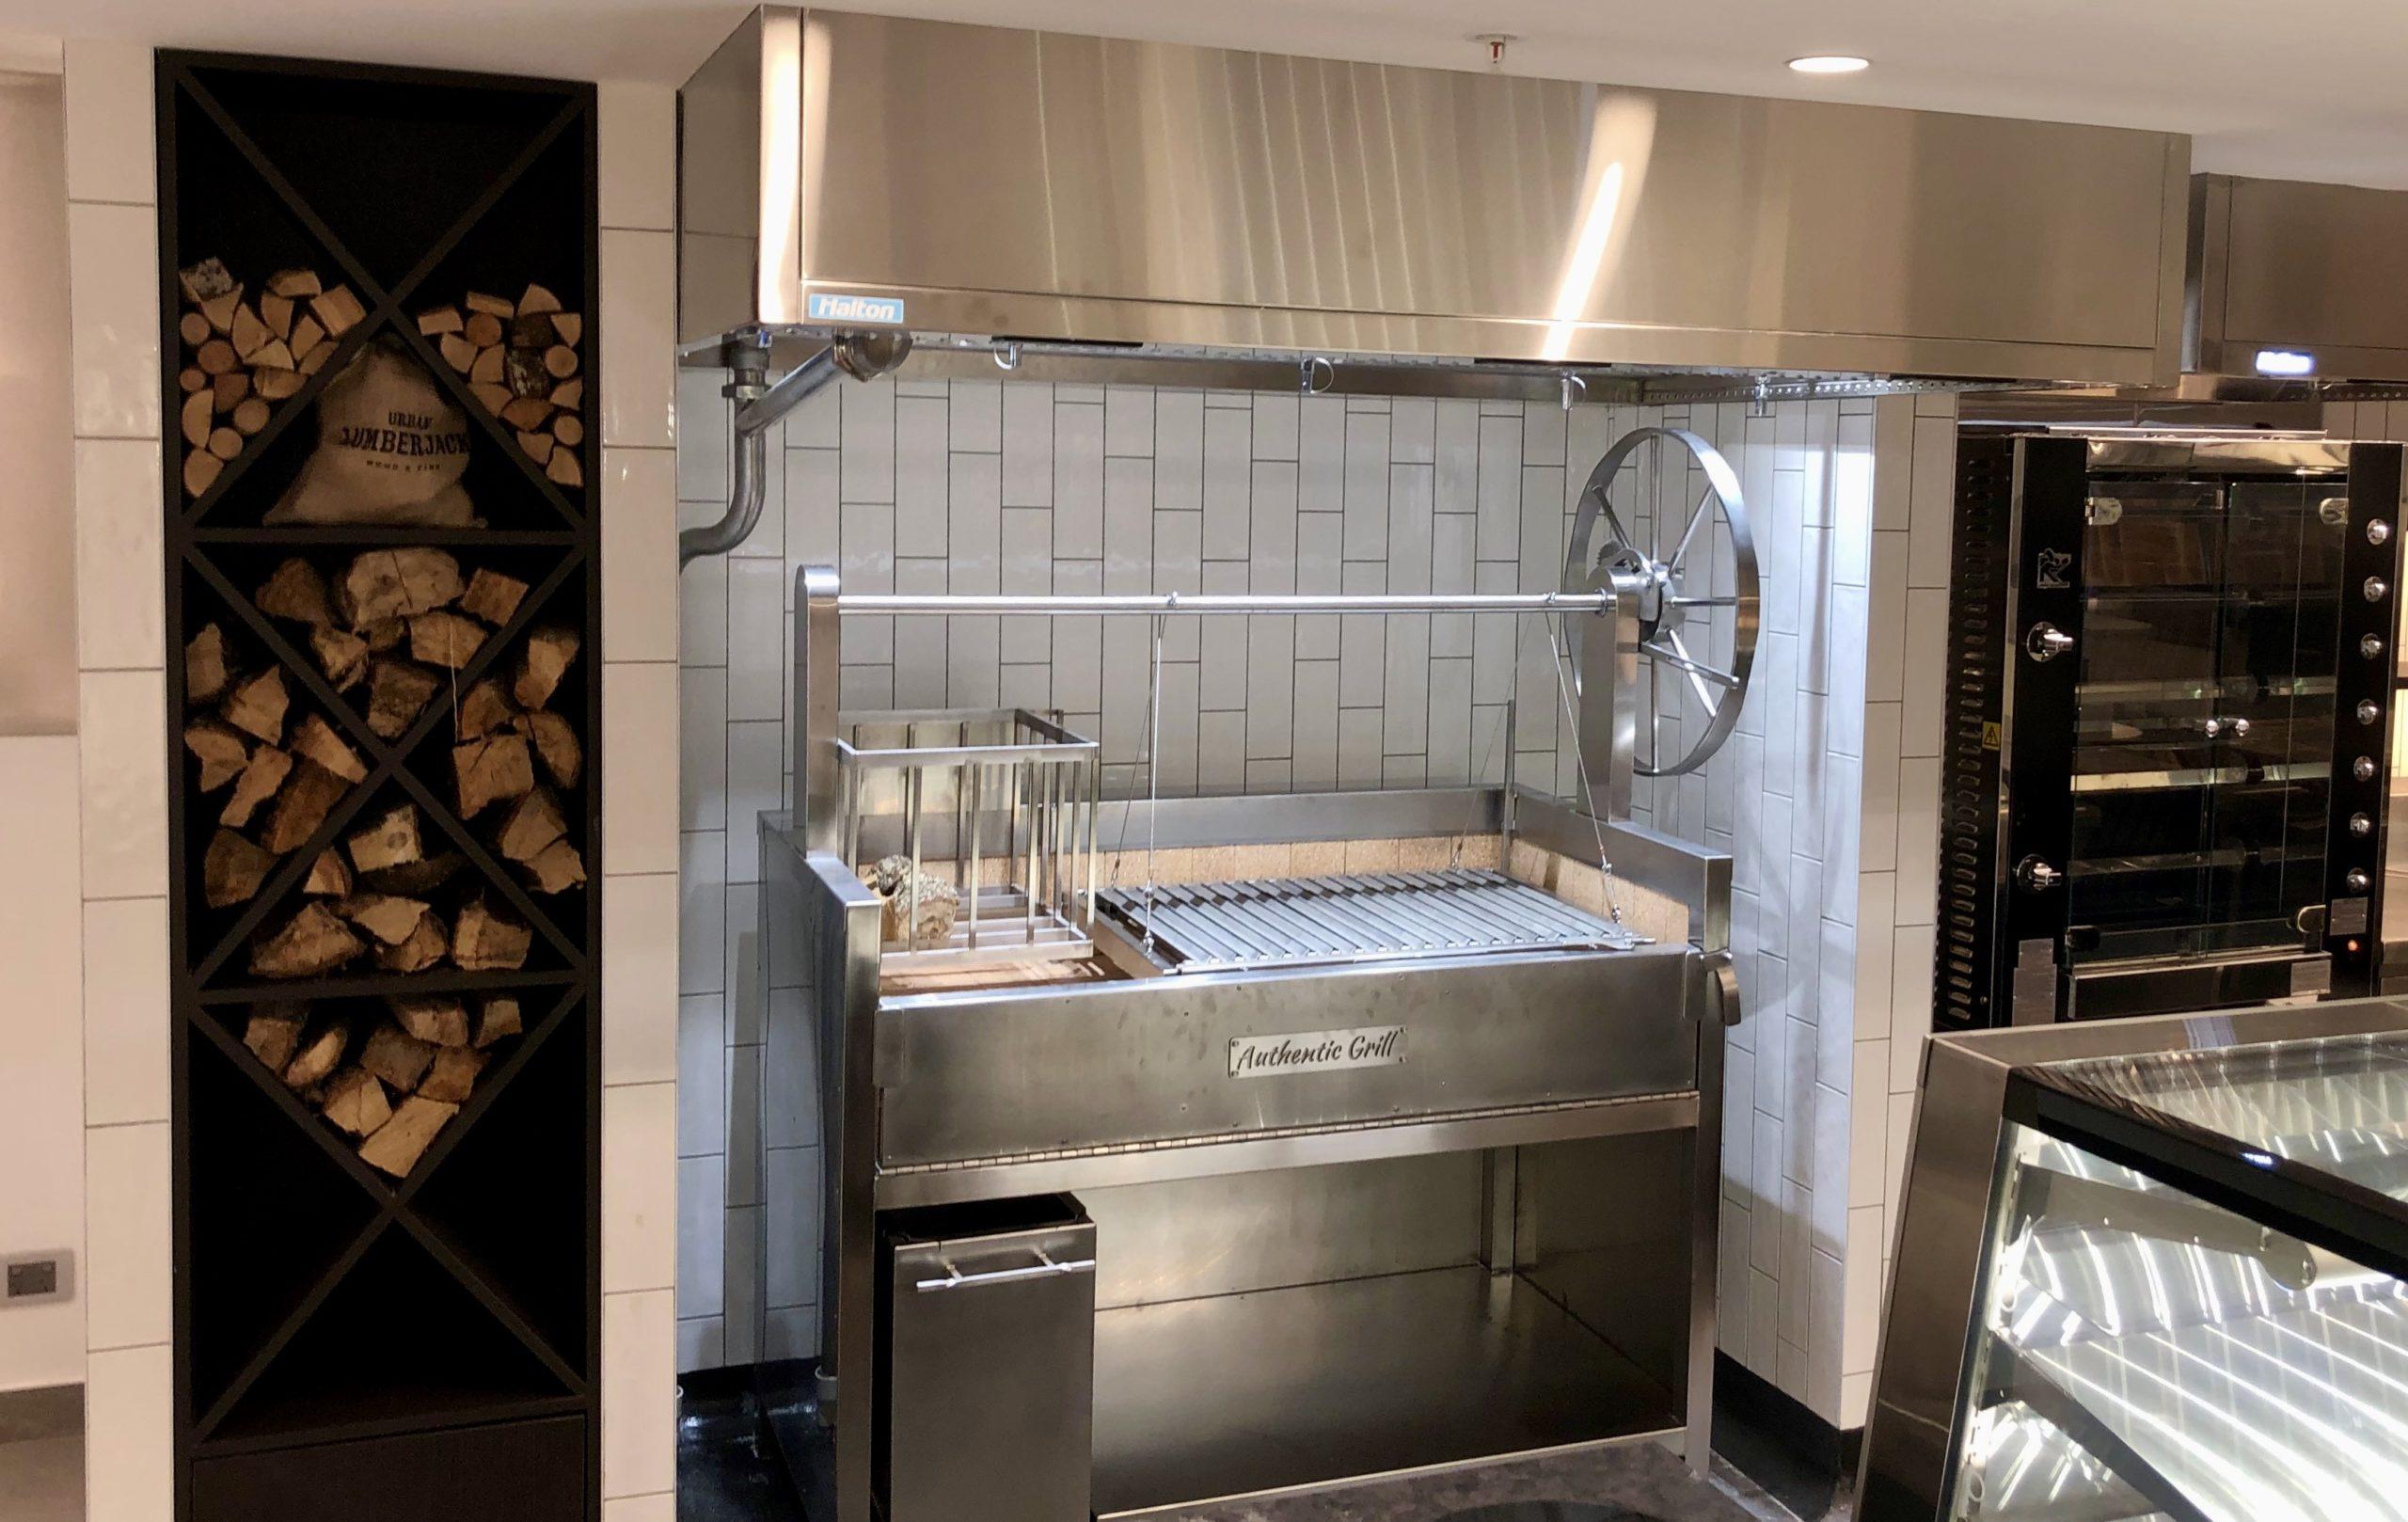 Argentinian Asado grill